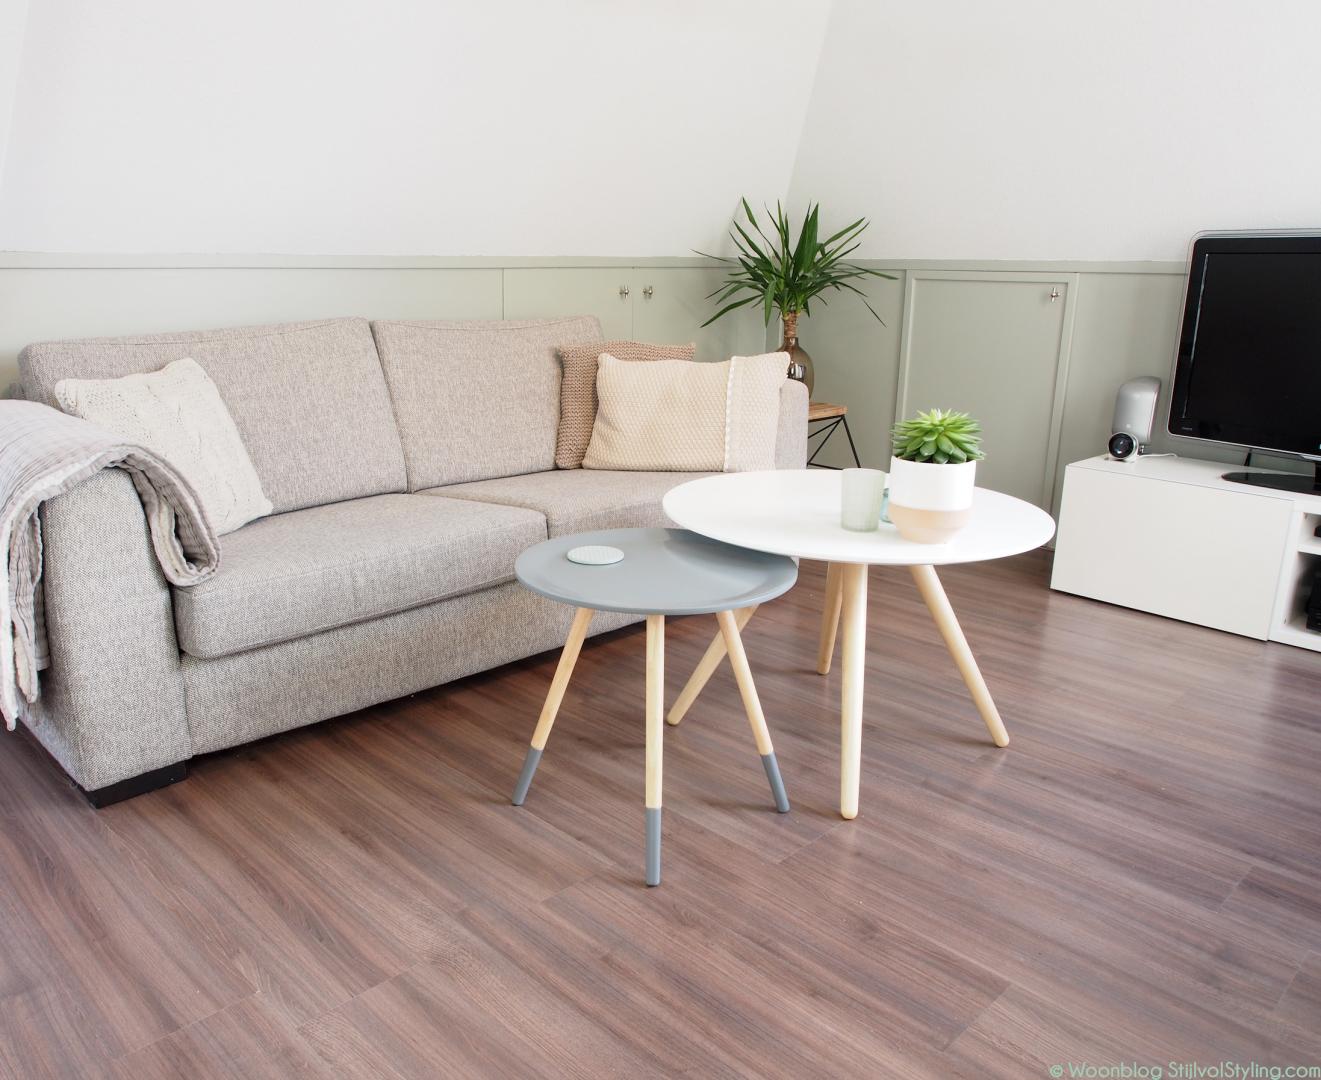 Interieur   Tips voor het kiezen van een houten vloer - © Woonblog StijlvolStyling.com